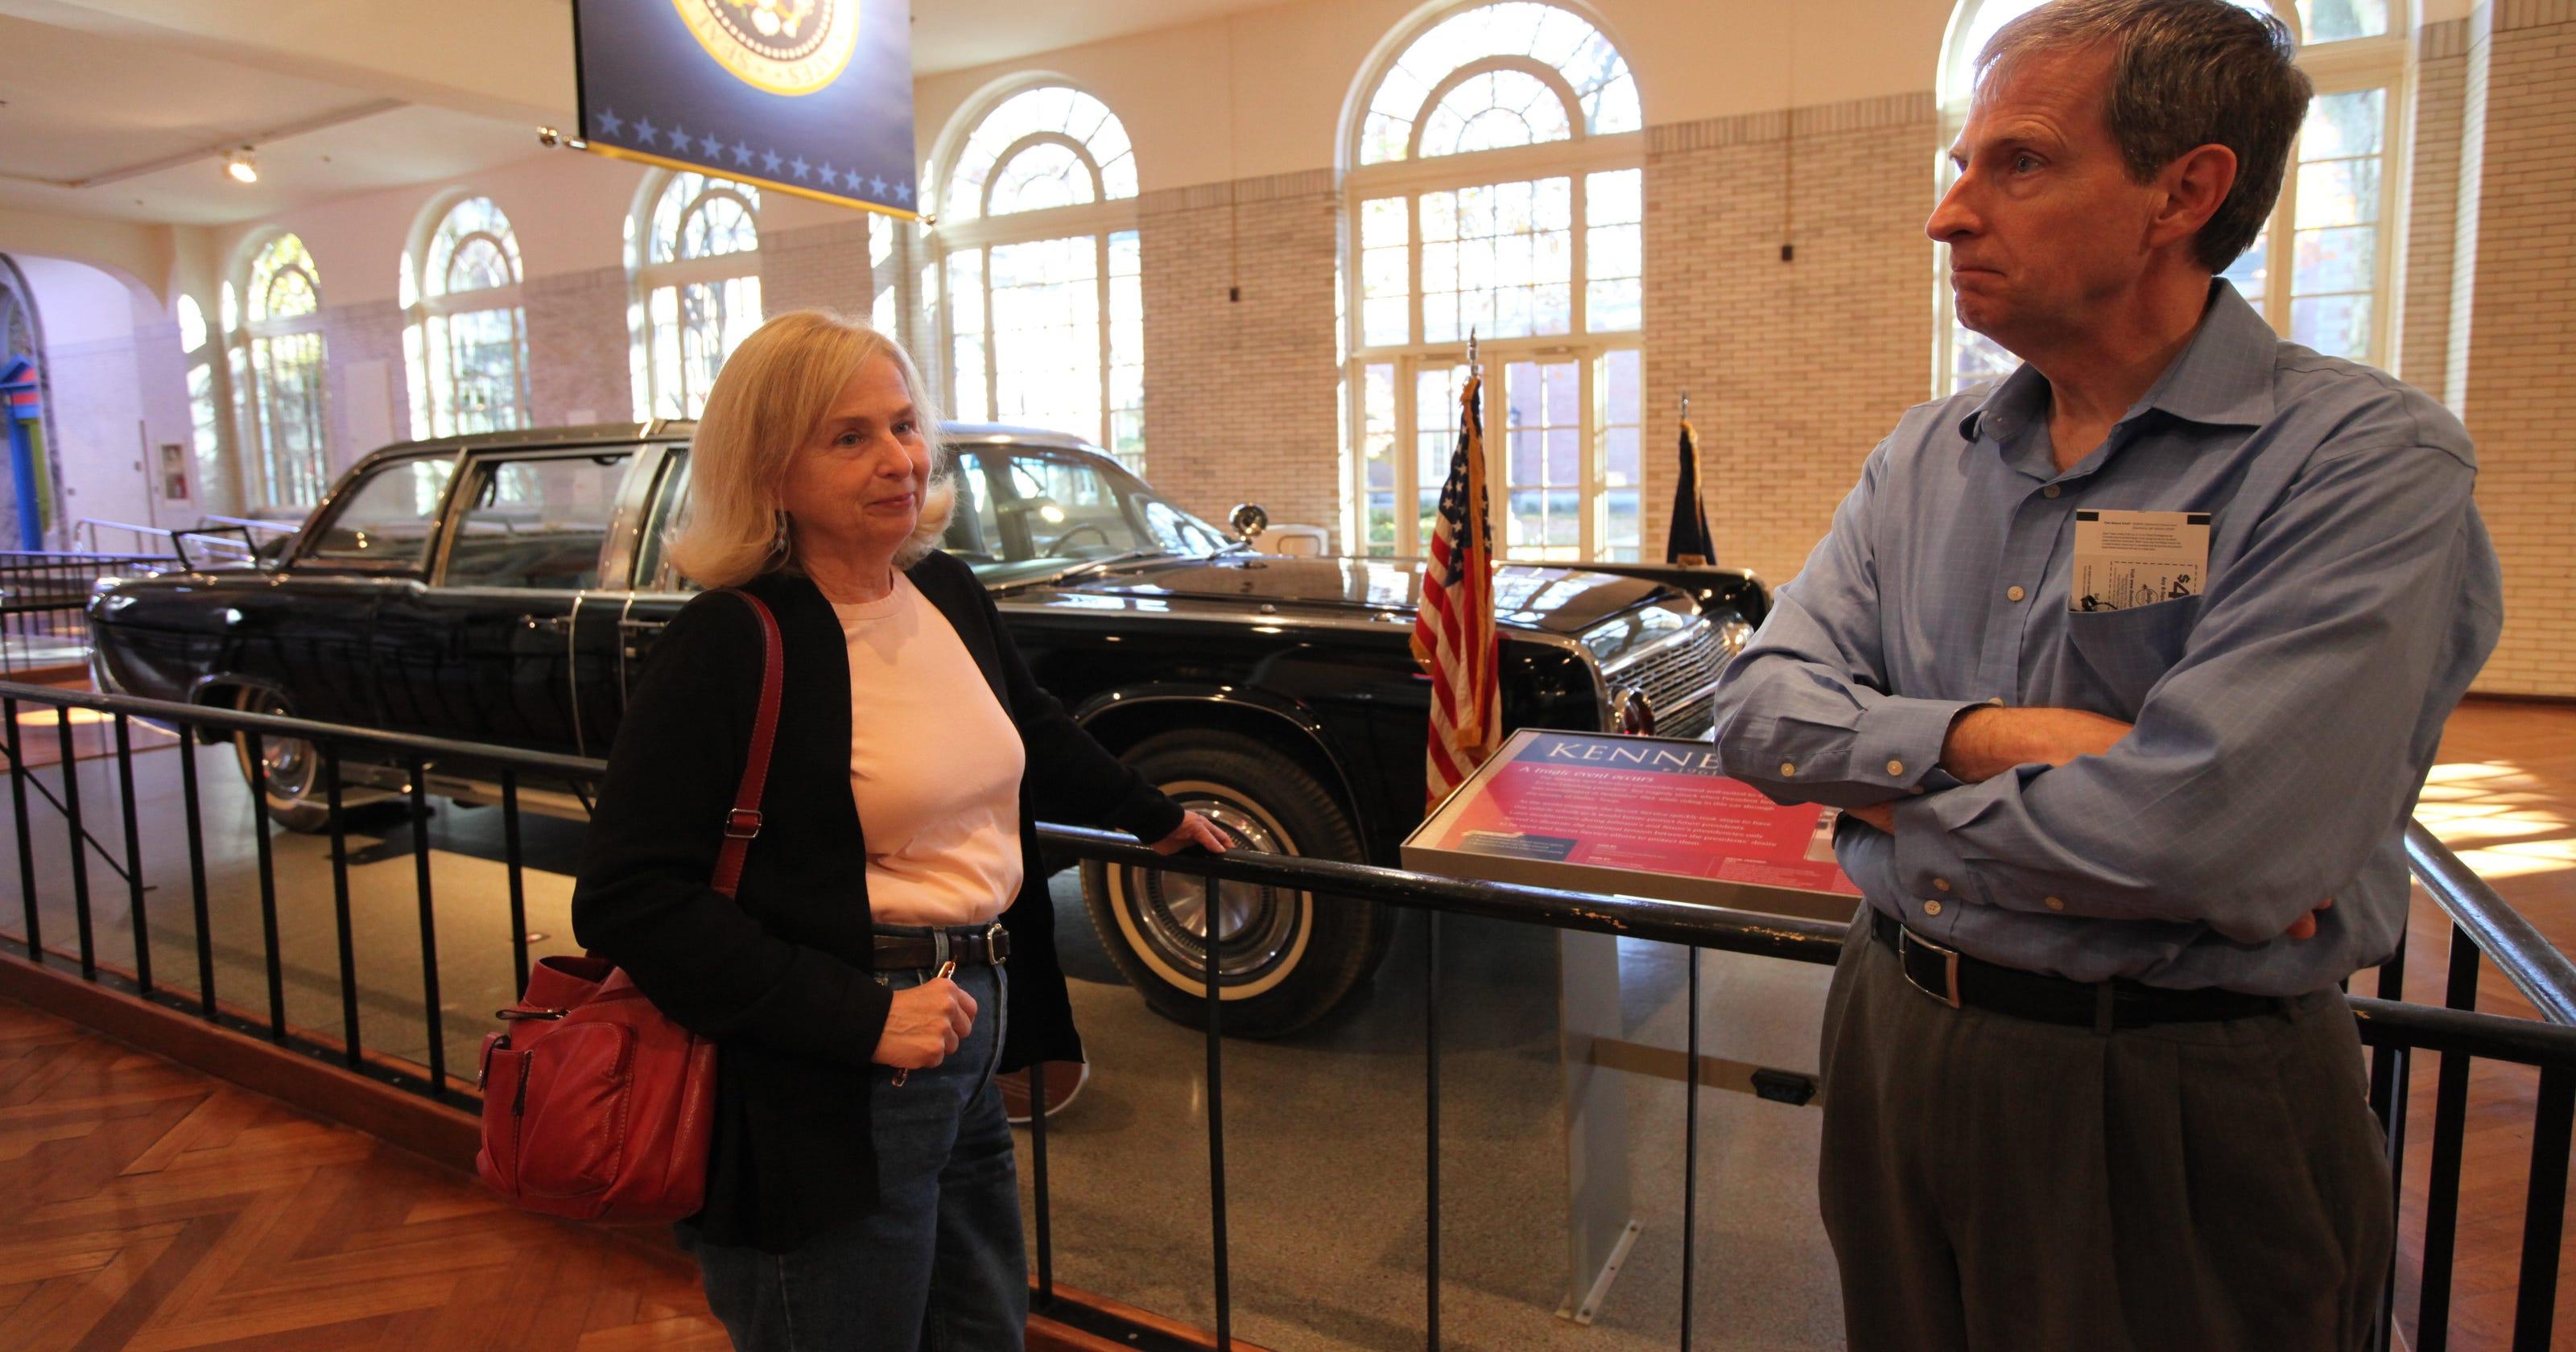 JFK's limo an enduring symbol of dark day